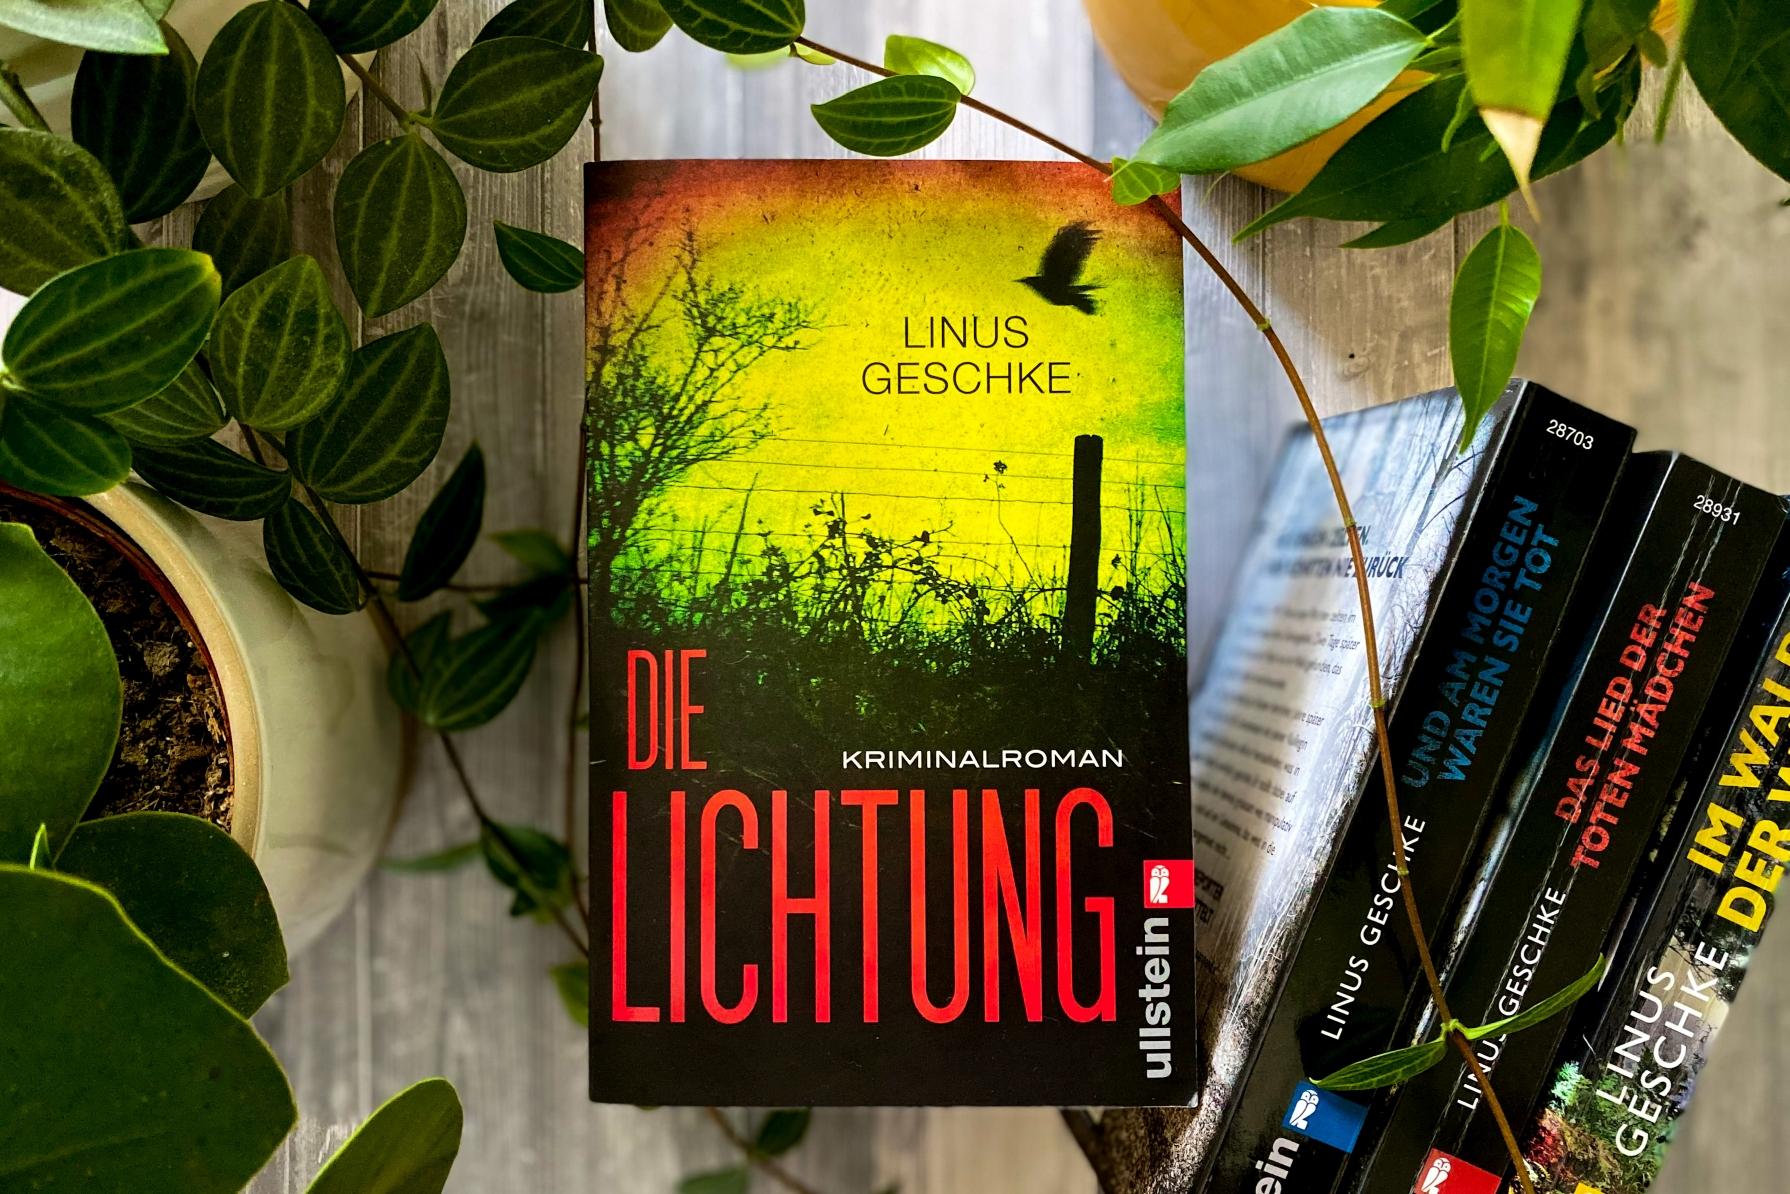 Linus Geschke Die Lichtung Jan Römer Köln Kriminalroman Krimi Ullstein